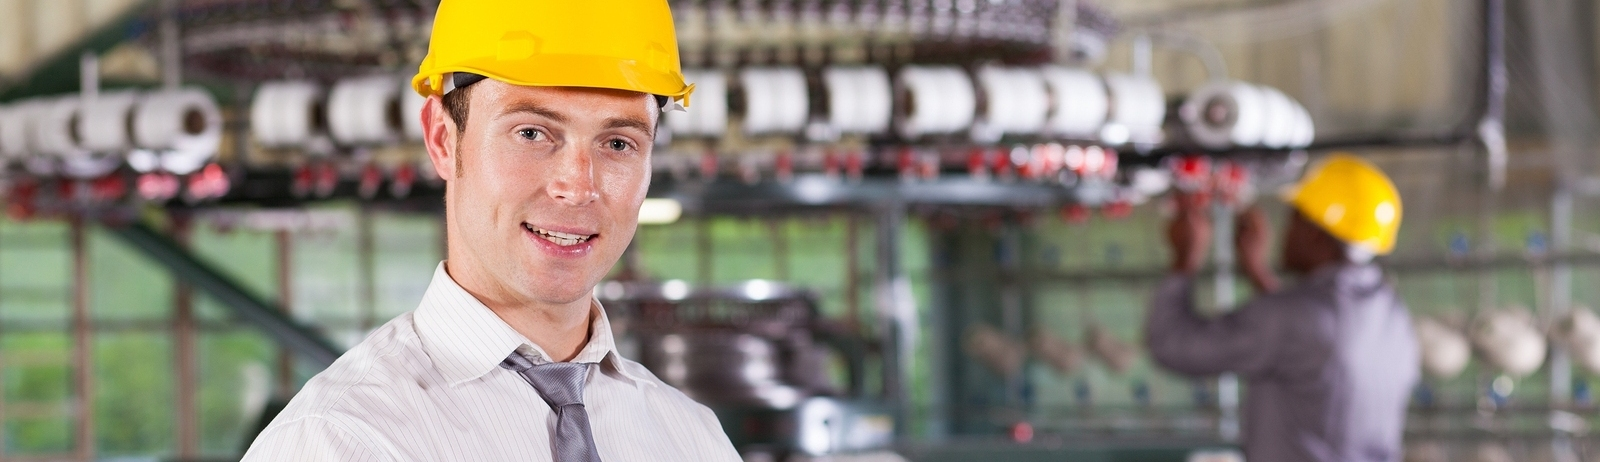 360 Factory Management